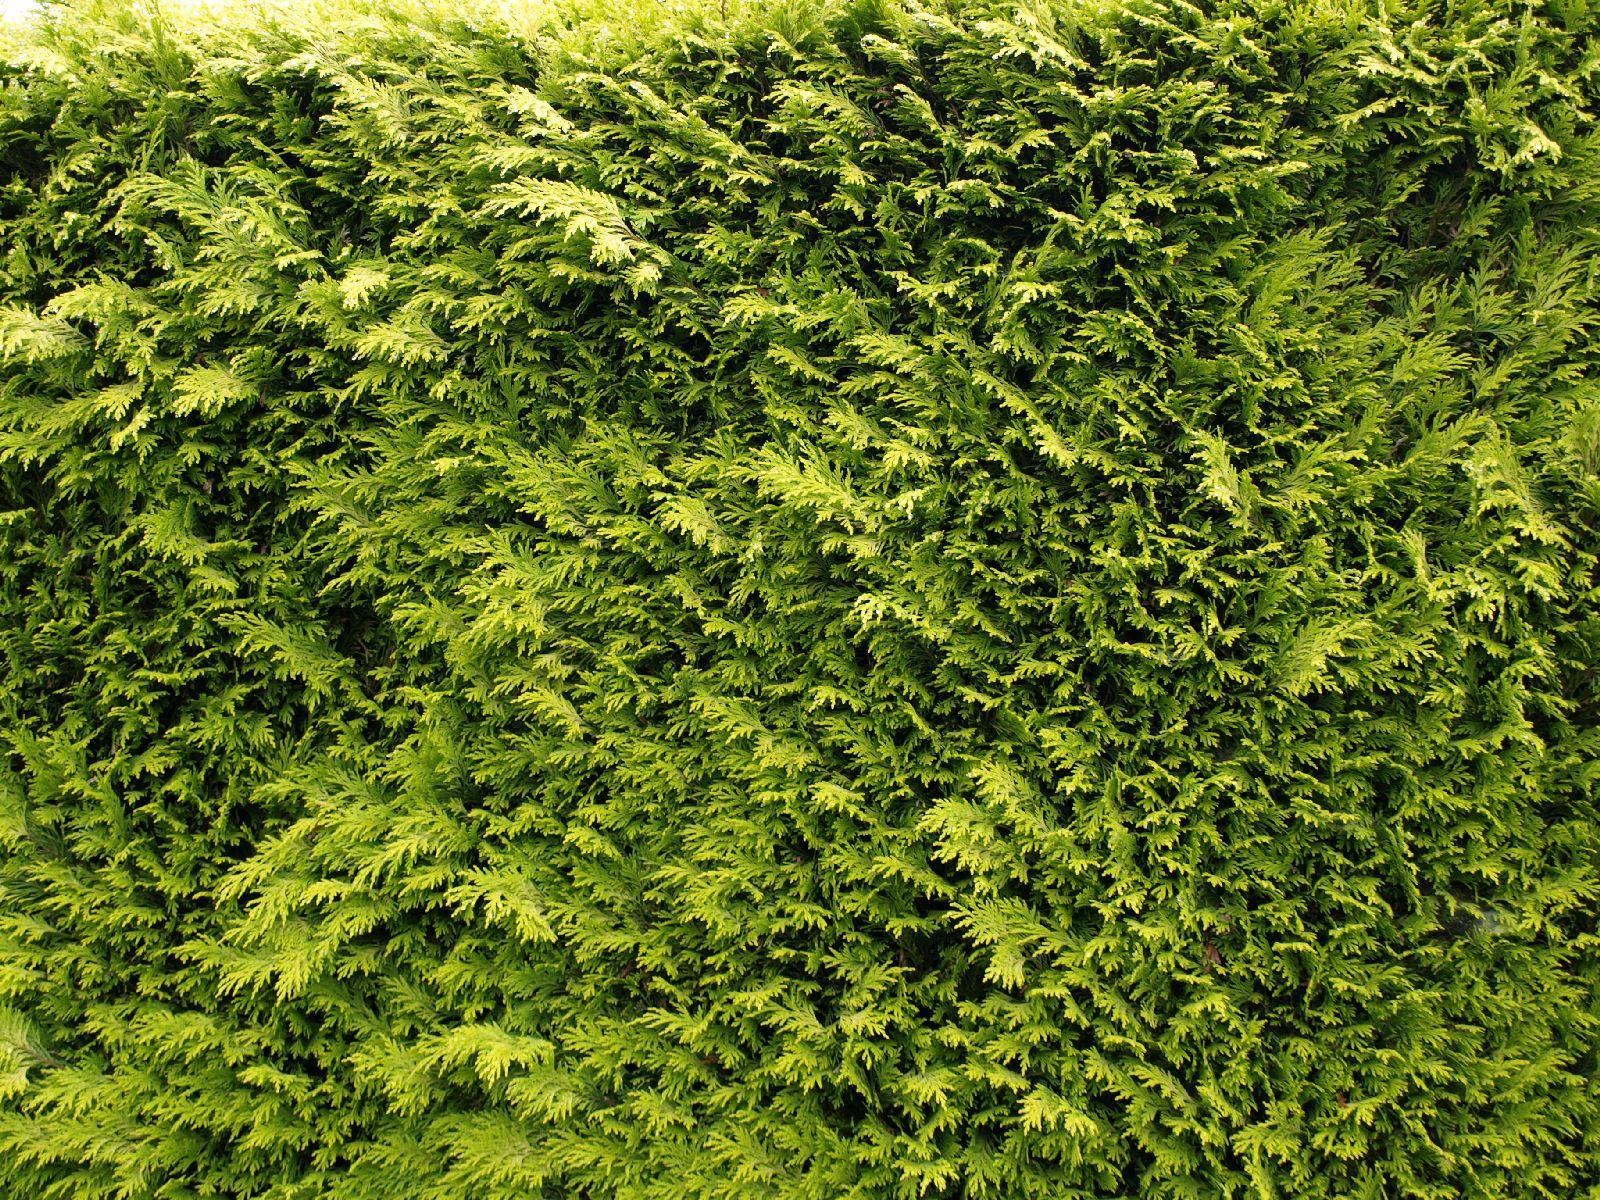 Pflanzen-Hecken-Foto_Textur_B_P6213543